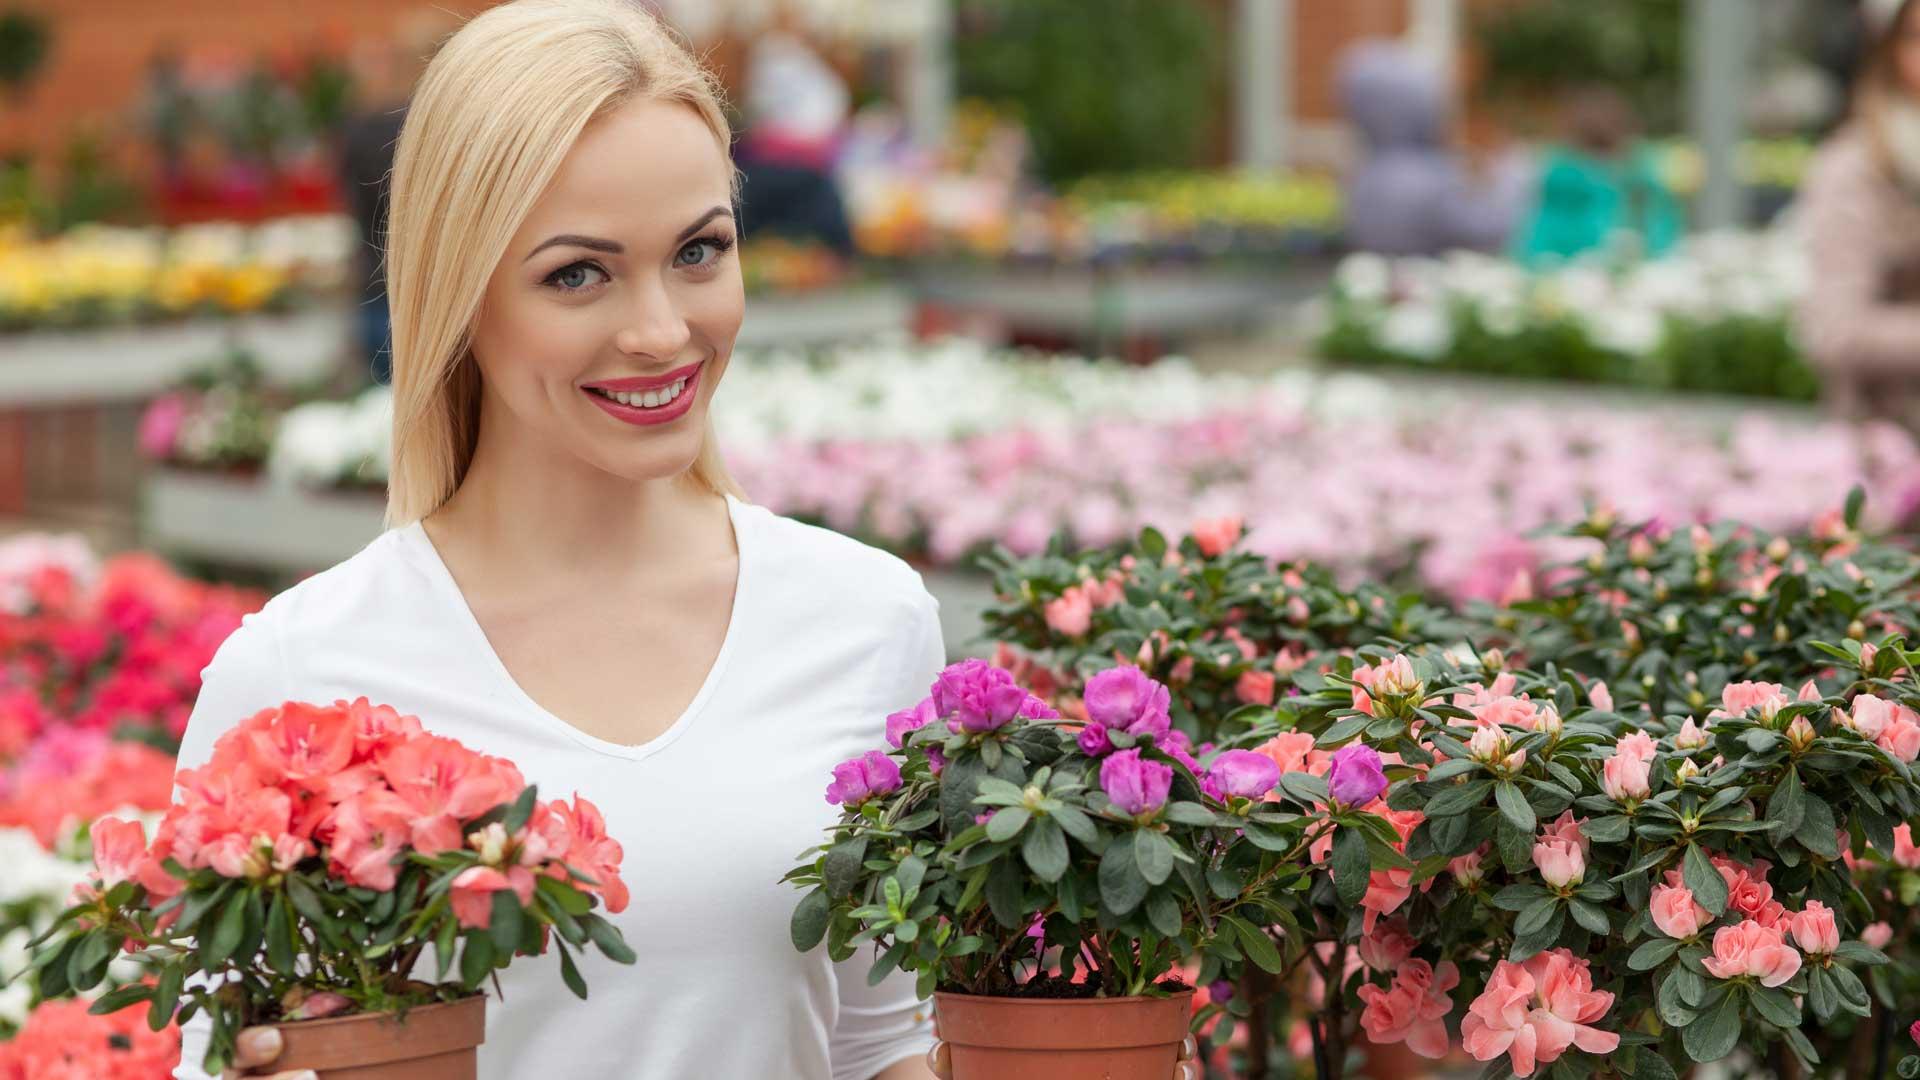 immagine rappresentativa del reparto Piante e fiori del brico ok corigliano